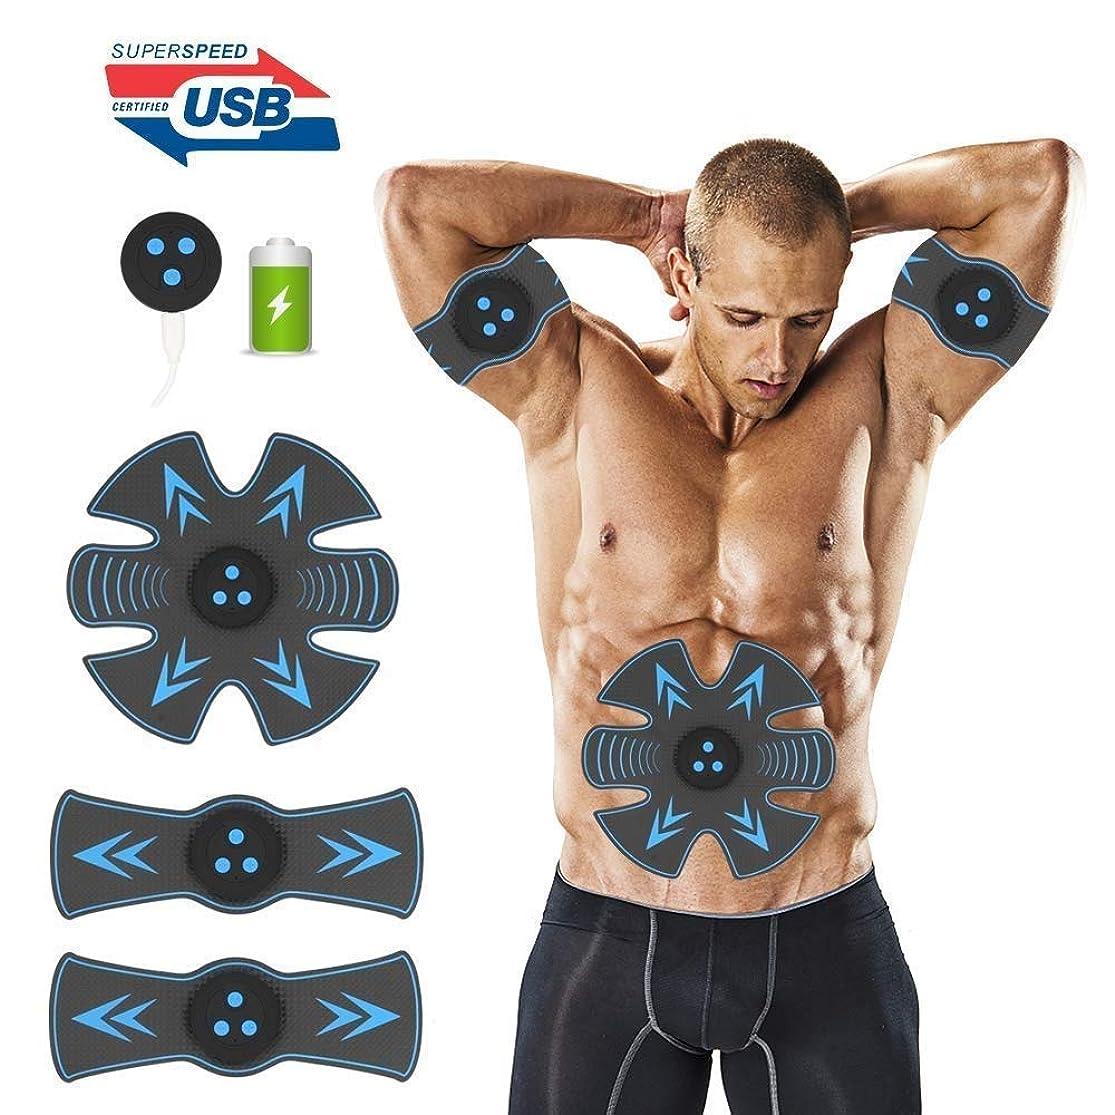 スケルトンシュガーアブセイEMS筋肉フィットネストレーナー、8ブロック腹部トレーニング&脂肪燃焼脚エクササイズUSB充電式5モードAbトレーナー男性と女性に適したポータブルホームスリミング